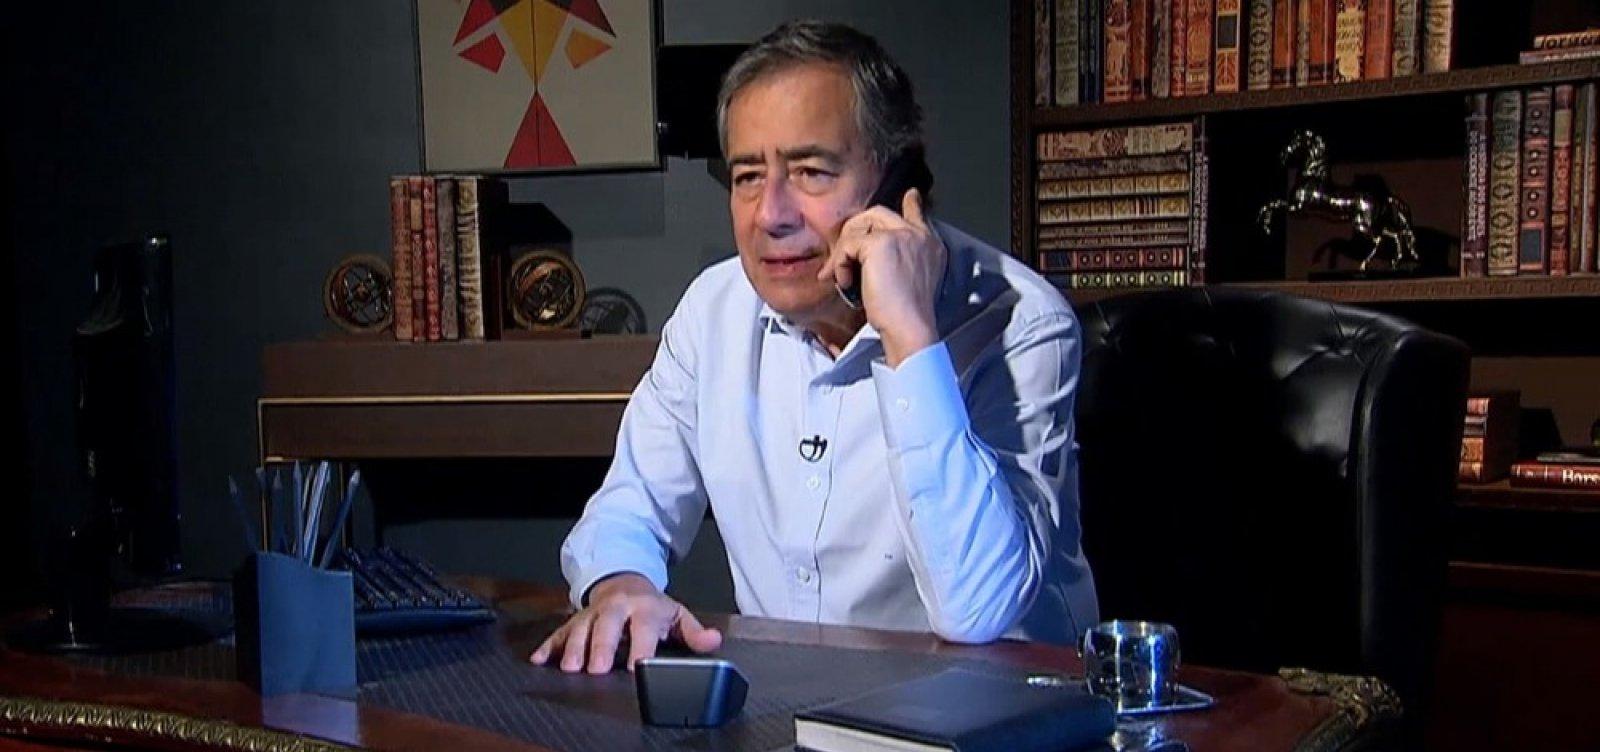 [Após resistir à pressão política, Record afasta Paulo Henrique Amorim da TV]